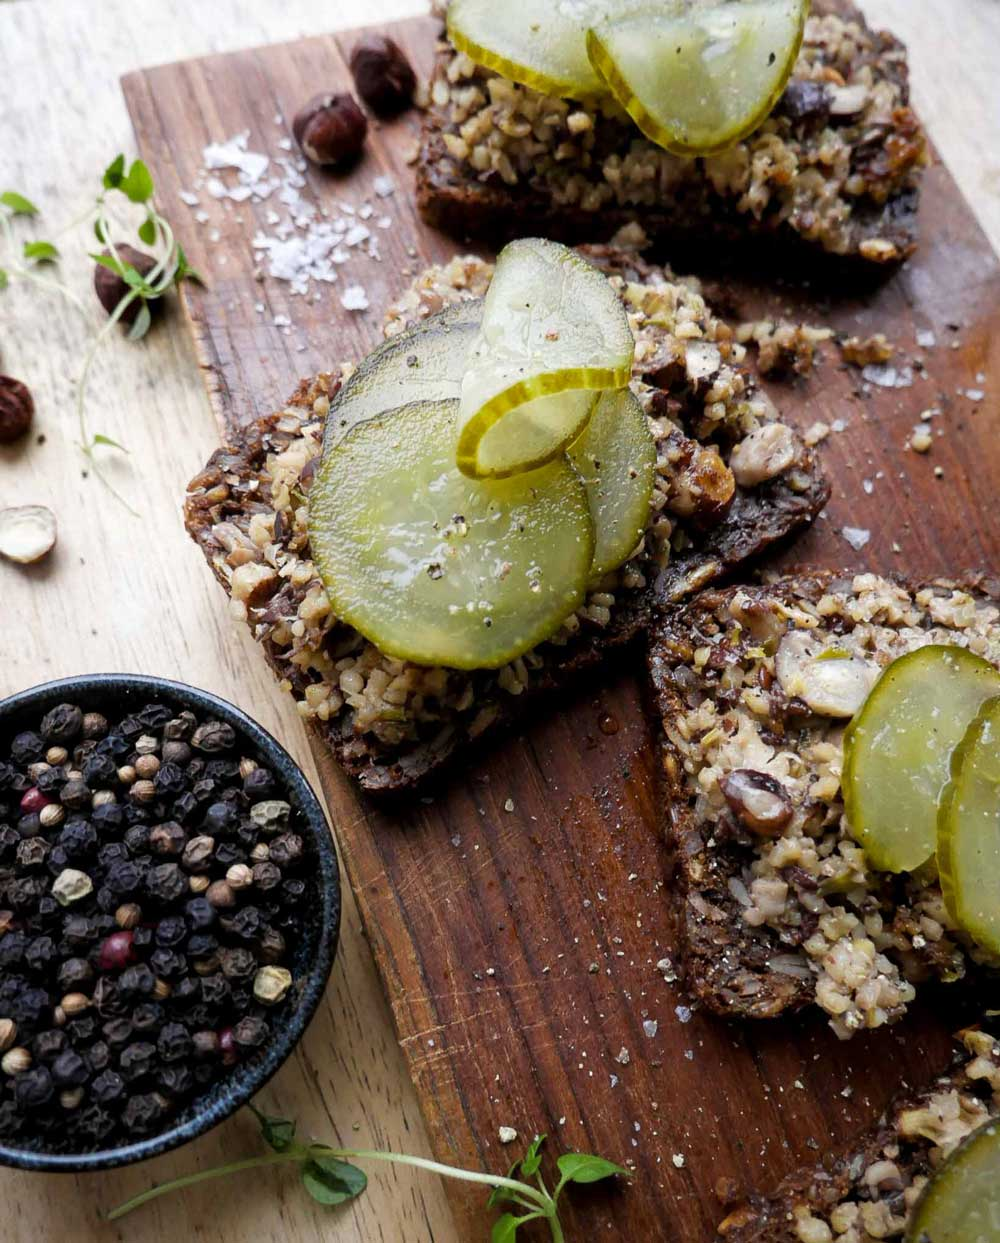 nøddepate og postej til frokost sammen med rugbrød